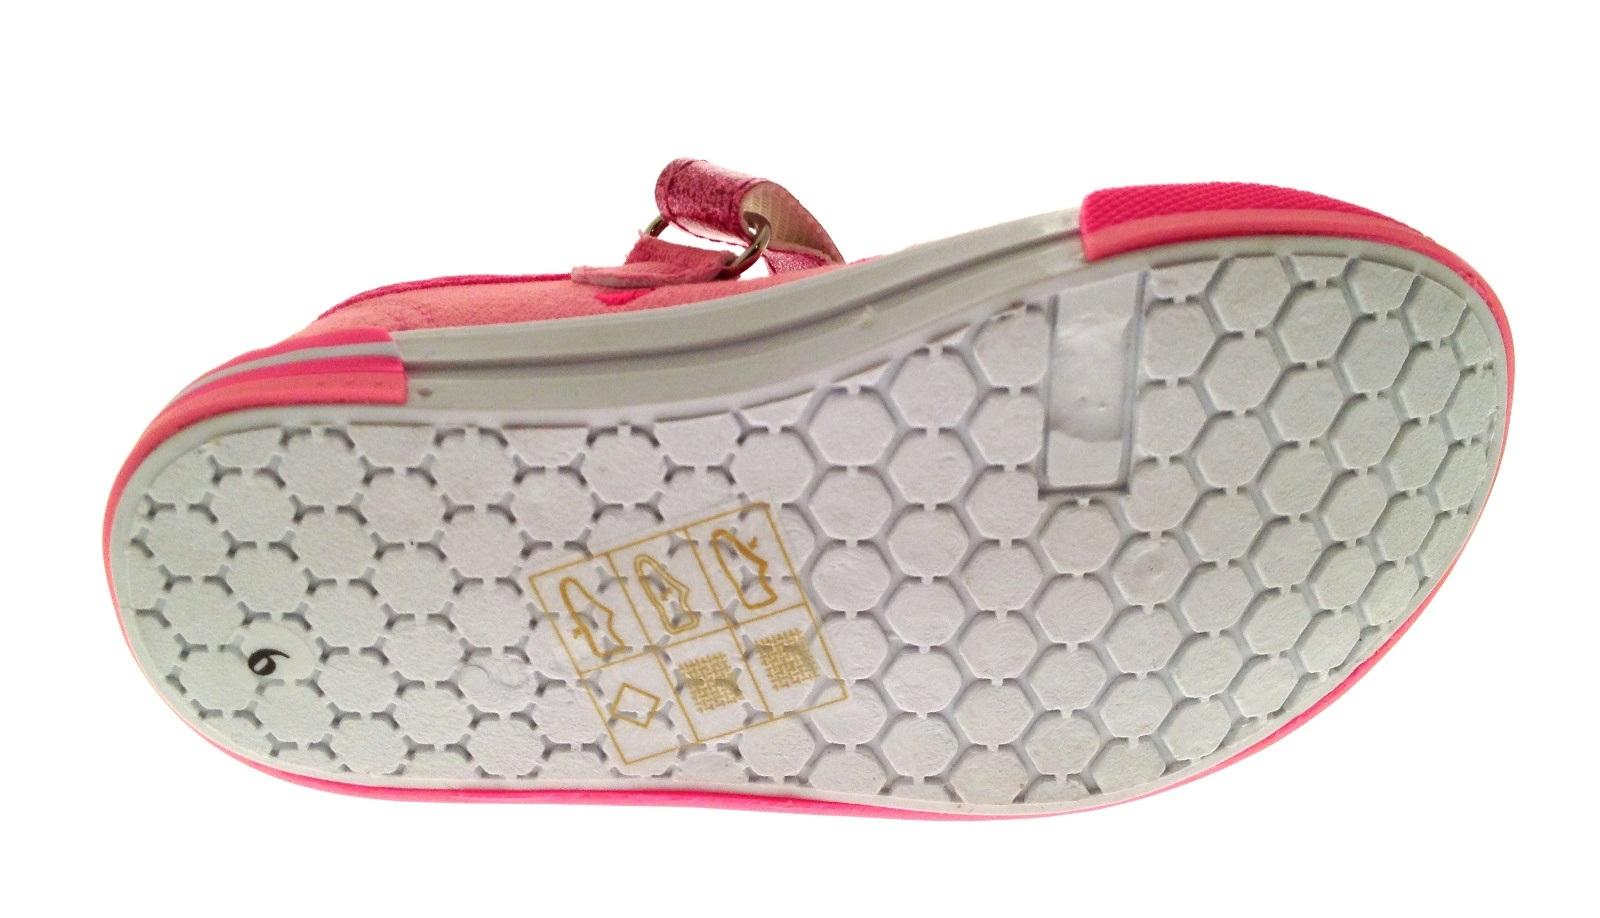 Niños niñas Mary Jane Bombas De Lona Tenis De Skate Zapatillas De Playa De Verano Tamaño 4 - 12